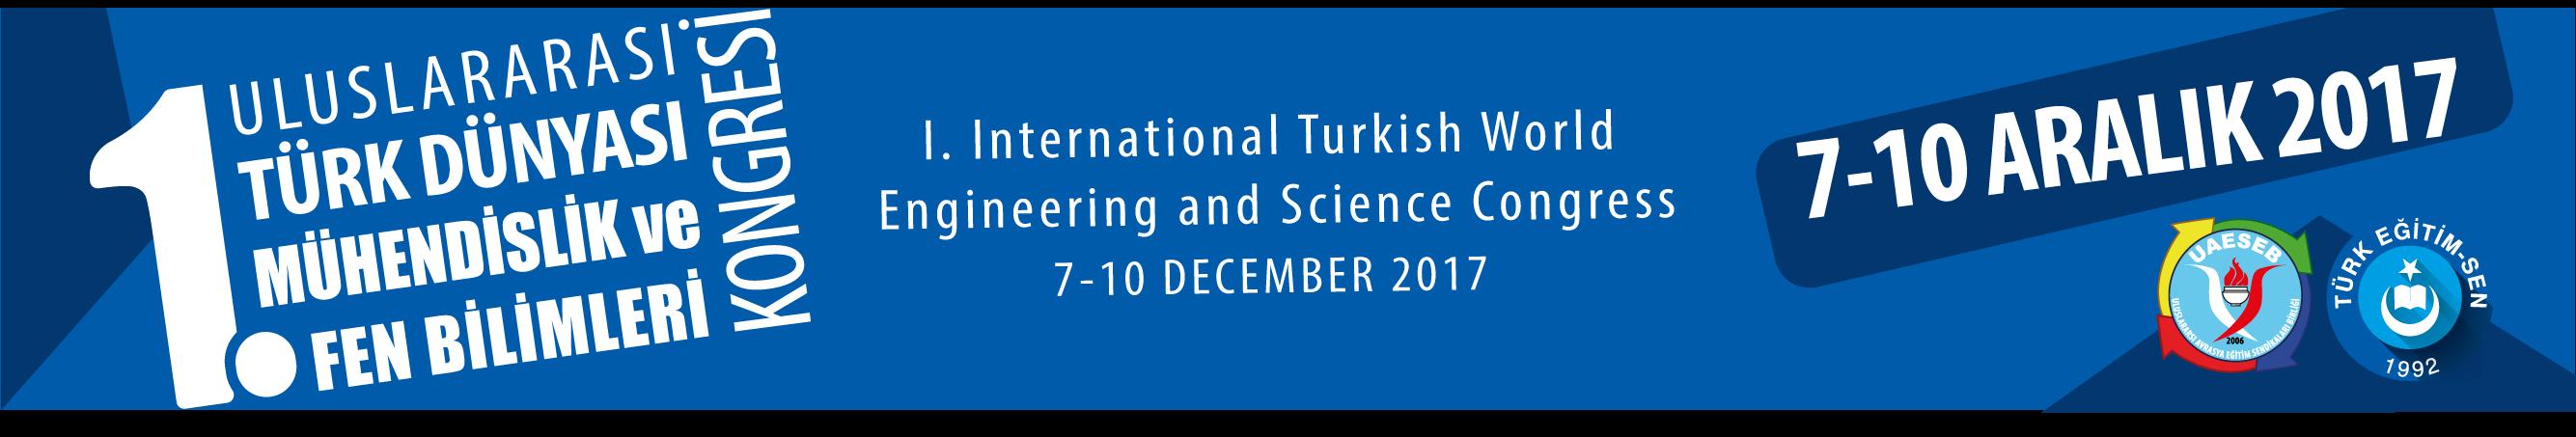 I. Uluslararası Türk Dünyası Mühendislik ve Fen Bilimleri Konferansı 7-10 ARALIK 2017